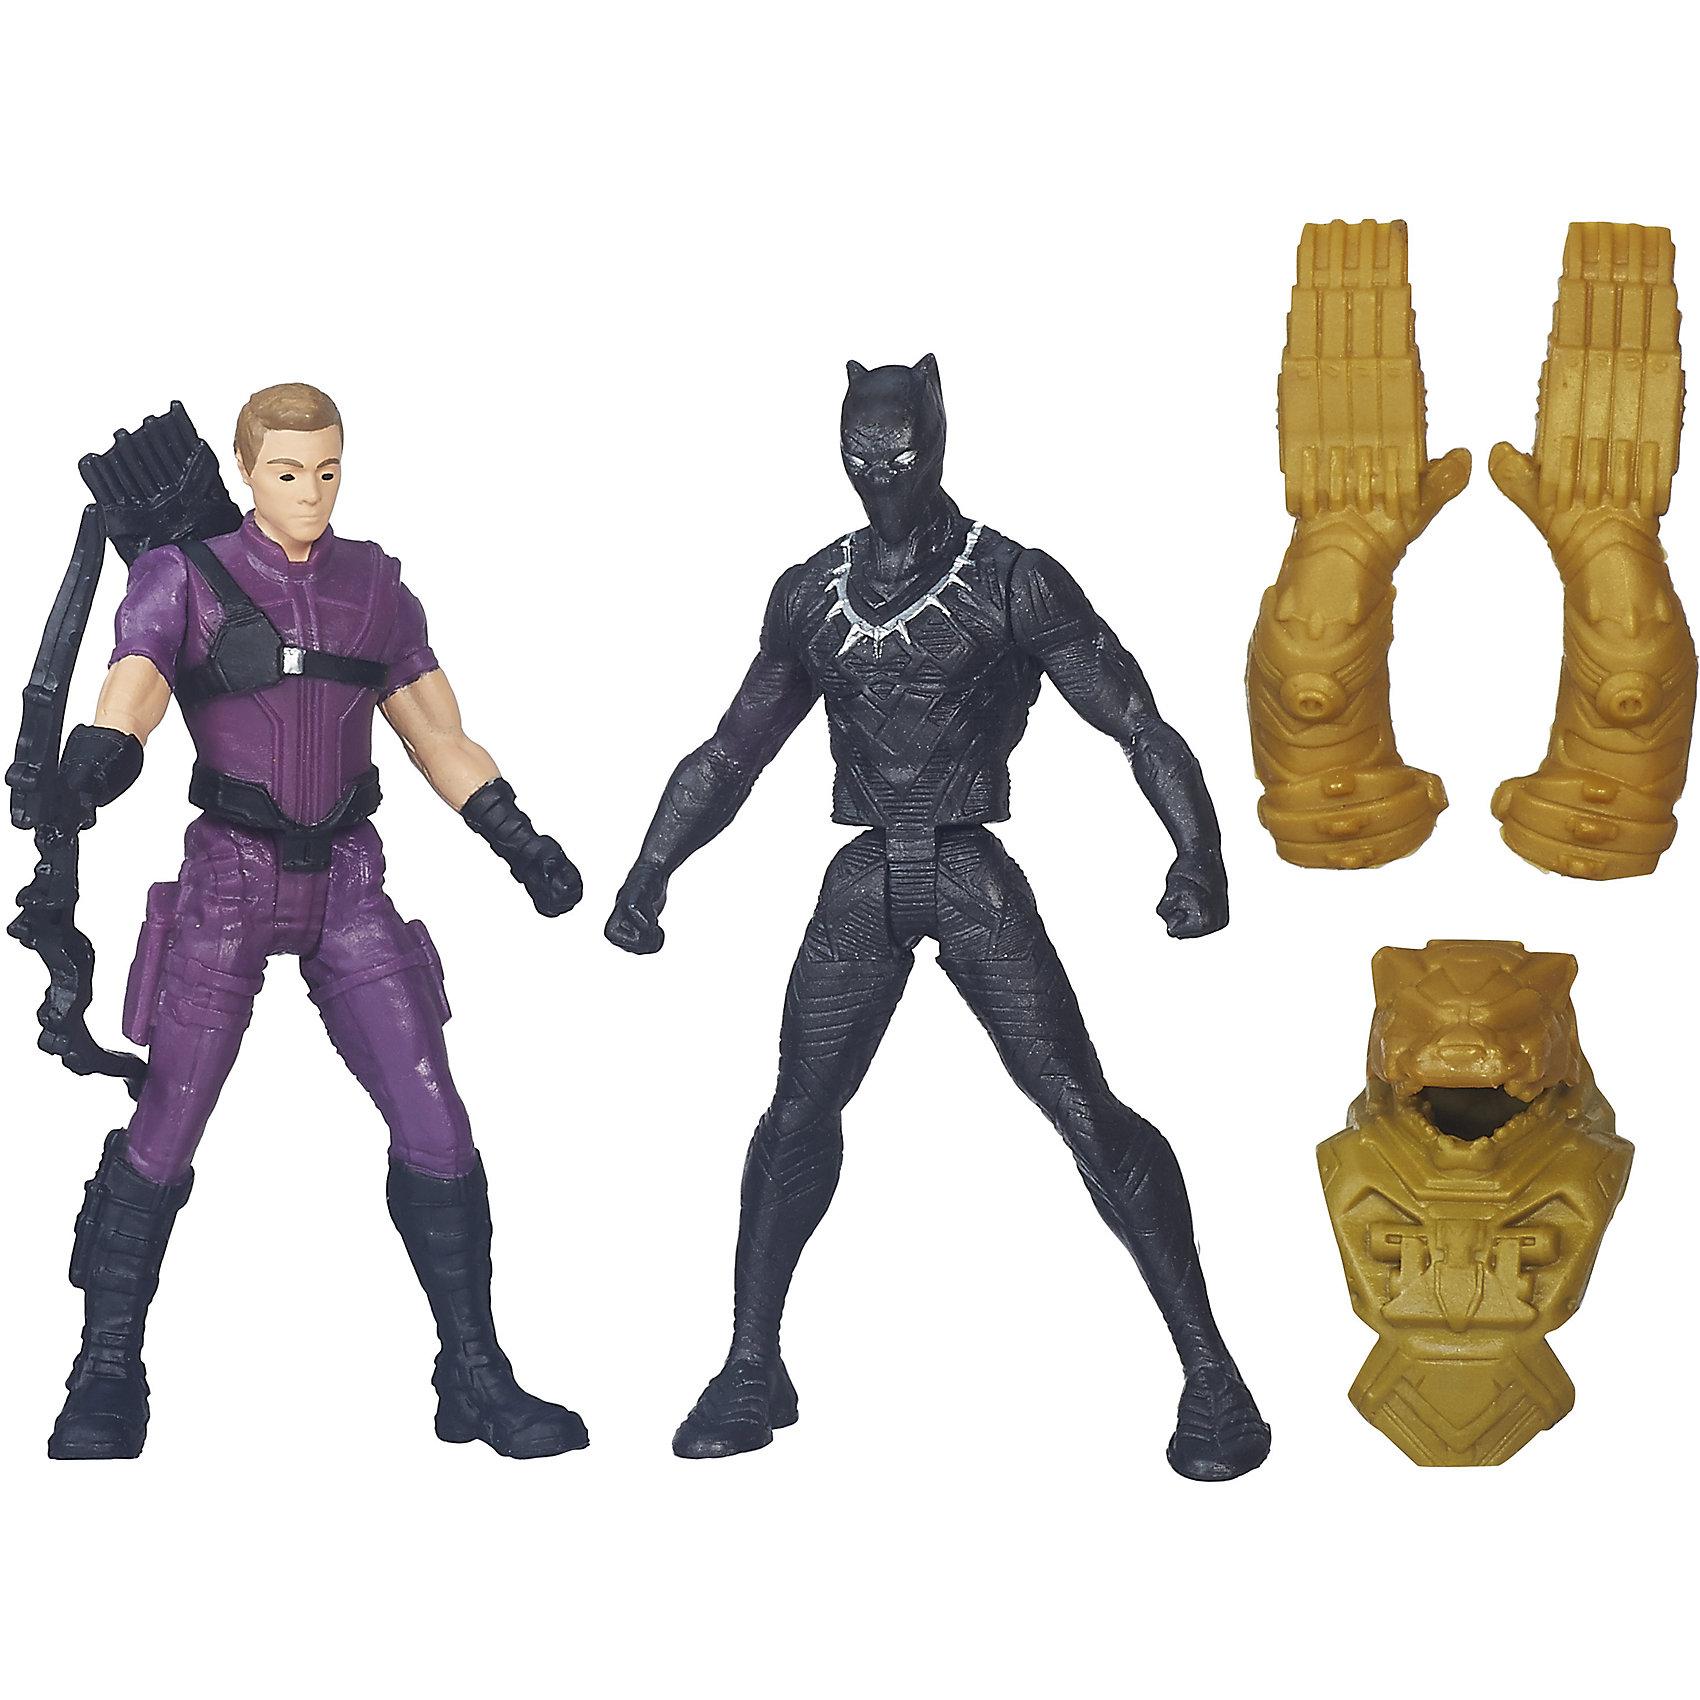 Набор из 2 фигурок Мстителей Hawkeye vs Black PantherИгрушки<br>Набор из 2 фигурок Мстителей Hawkeye vs Black Panther.<br><br>Характеристики:<br><br>- В комплекте: 2 фигурки, броня, лук<br>- Высота фигурки: 6 см.<br>- Материал: высококачественный пластик<br>- Размер упаковки: 16 x 14 x 4 см.<br><br>Игровой набор из фигурок от Hasbro вызовет настоящий восторг у юного поклонника знаменитой вселенной Marvel. Фигурки изготовлены из высококачественного прочного пластика и выполнены в виде Соколиного глаза и Черной пантеры. В комплекте с фигурками идут дополнительные аксессуары: элементы бронекостюма Черной пантеры и лук Соколиного глаза. Игрушечные персонажи максимально соответствует своим прототипам с учетом особенностей образа каждого героя. Фигурки имеют по пять точек артикуляции, что позволяет придавать им необходимое положение во время игры. Имея в игровом арсенале этих персонажей, ребенок сможет разыграть множество увлекательнейших сюжетов. В них в очередной раз развернется отчаянная борьба за мир, и смелые герои вновь спасут его благодаря своей силе, ловкости и находчивости! Совместимо с Башней Мстителей.<br><br>Набор из 2 фигурок Мстителей Hawkeye vs Black Panther можно купить в нашем интернет-магазине.<br><br>Ширина мм: 44<br>Глубина мм: 140<br>Высота мм: 159<br>Вес г: 50<br>Возраст от месяцев: 48<br>Возраст до месяцев: 144<br>Пол: Мужской<br>Возраст: Детский<br>SKU: 4874298